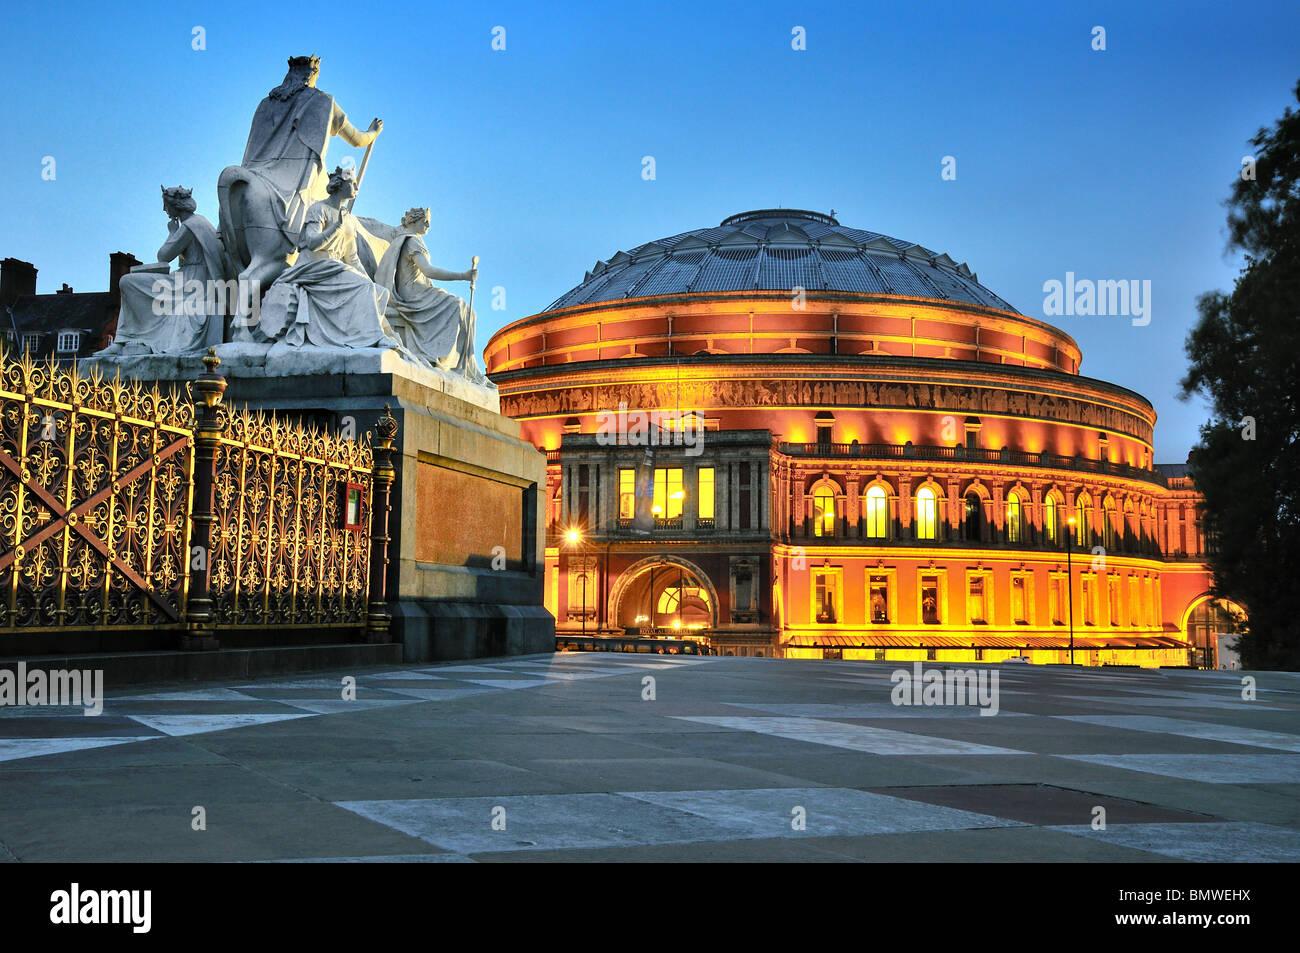 Royal Albert Hall at night - Stock Image